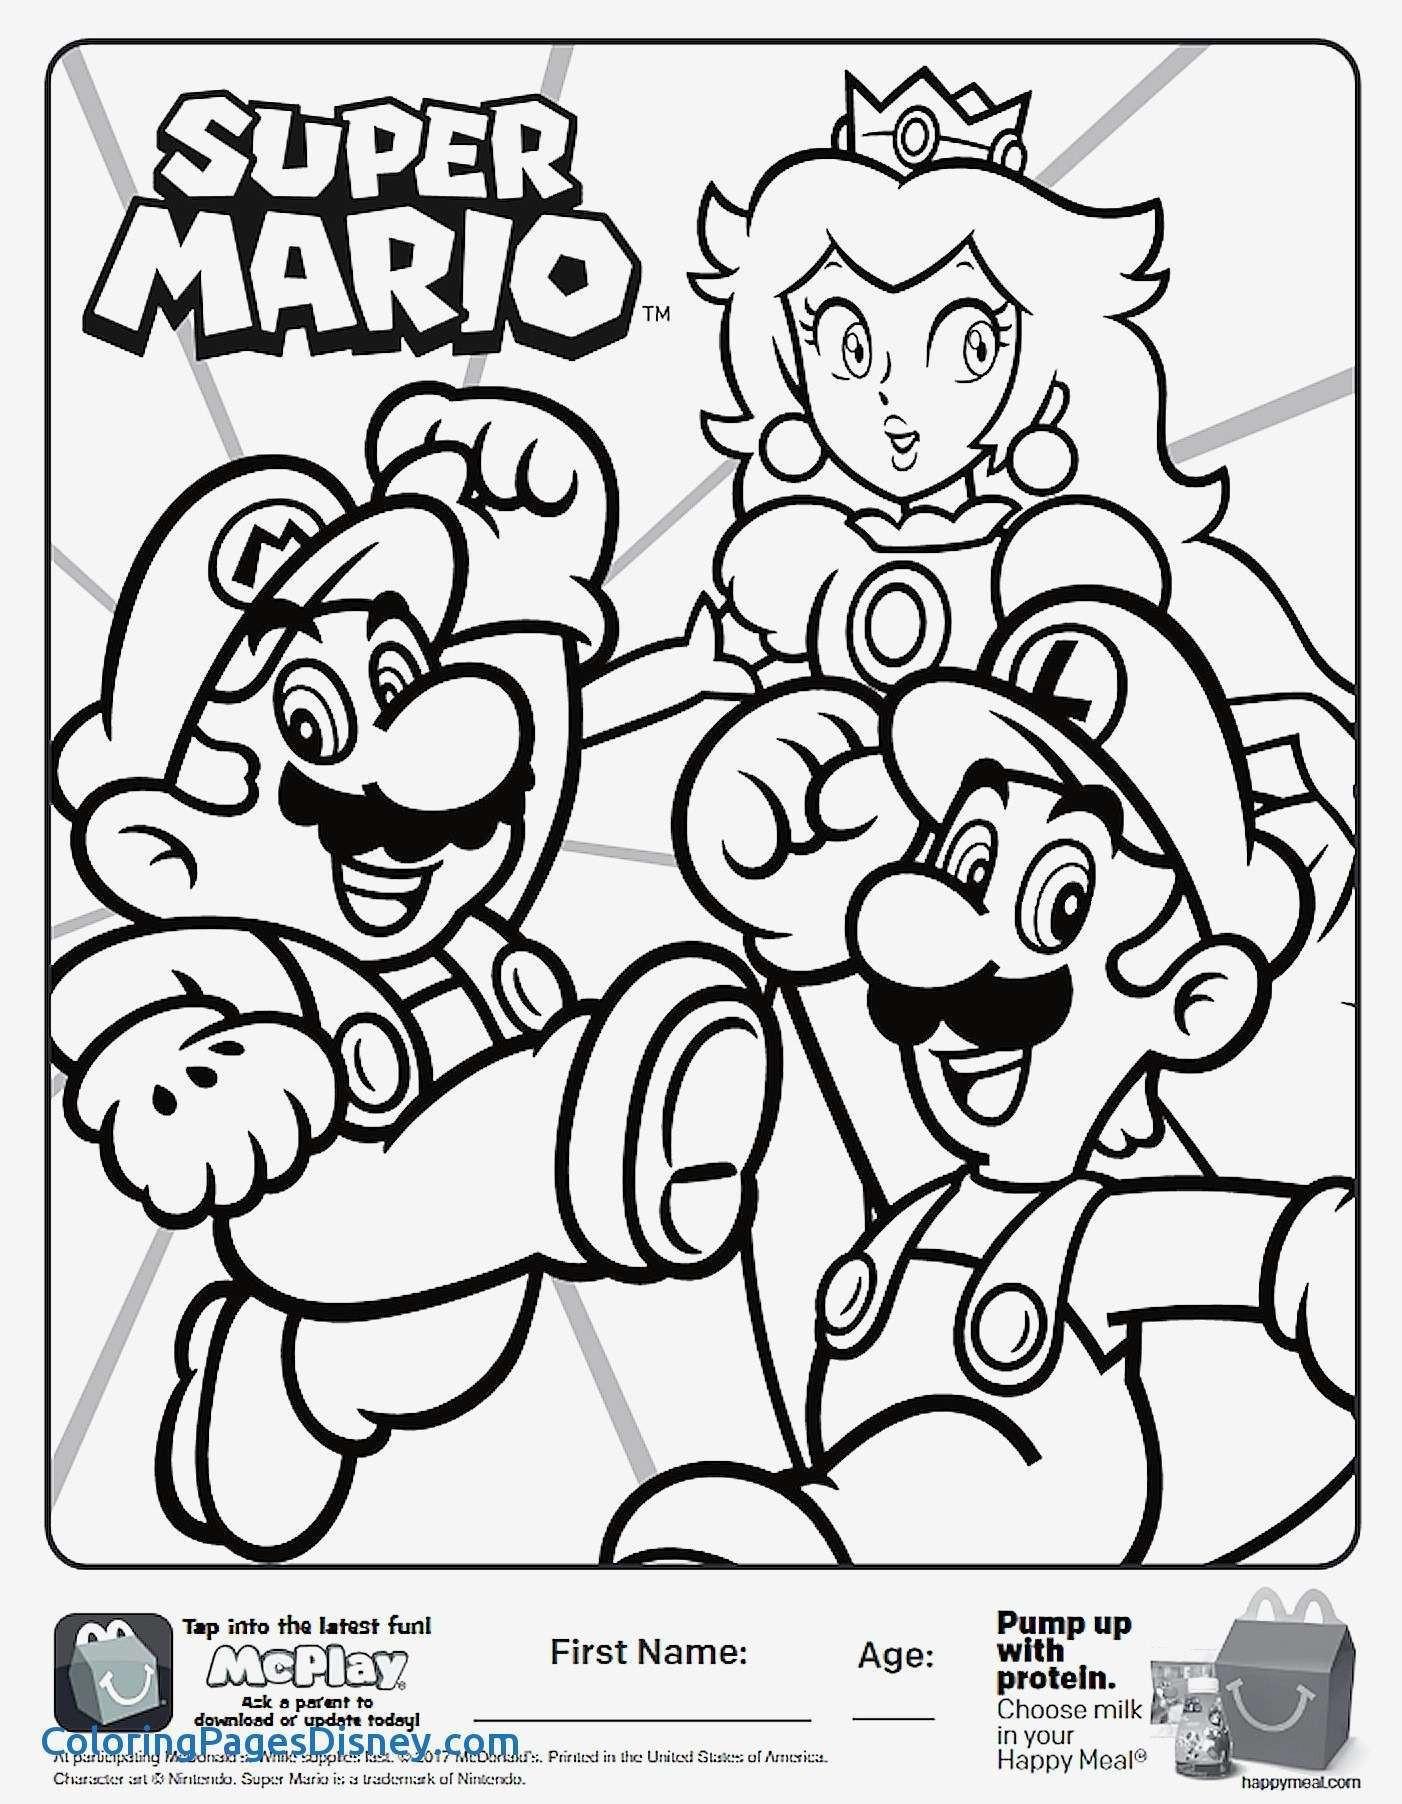 Super Mario Malvorlagen Genial Spannende Coloring Bilder Super Mario Malvorlagen Neu Baby Mario Stock